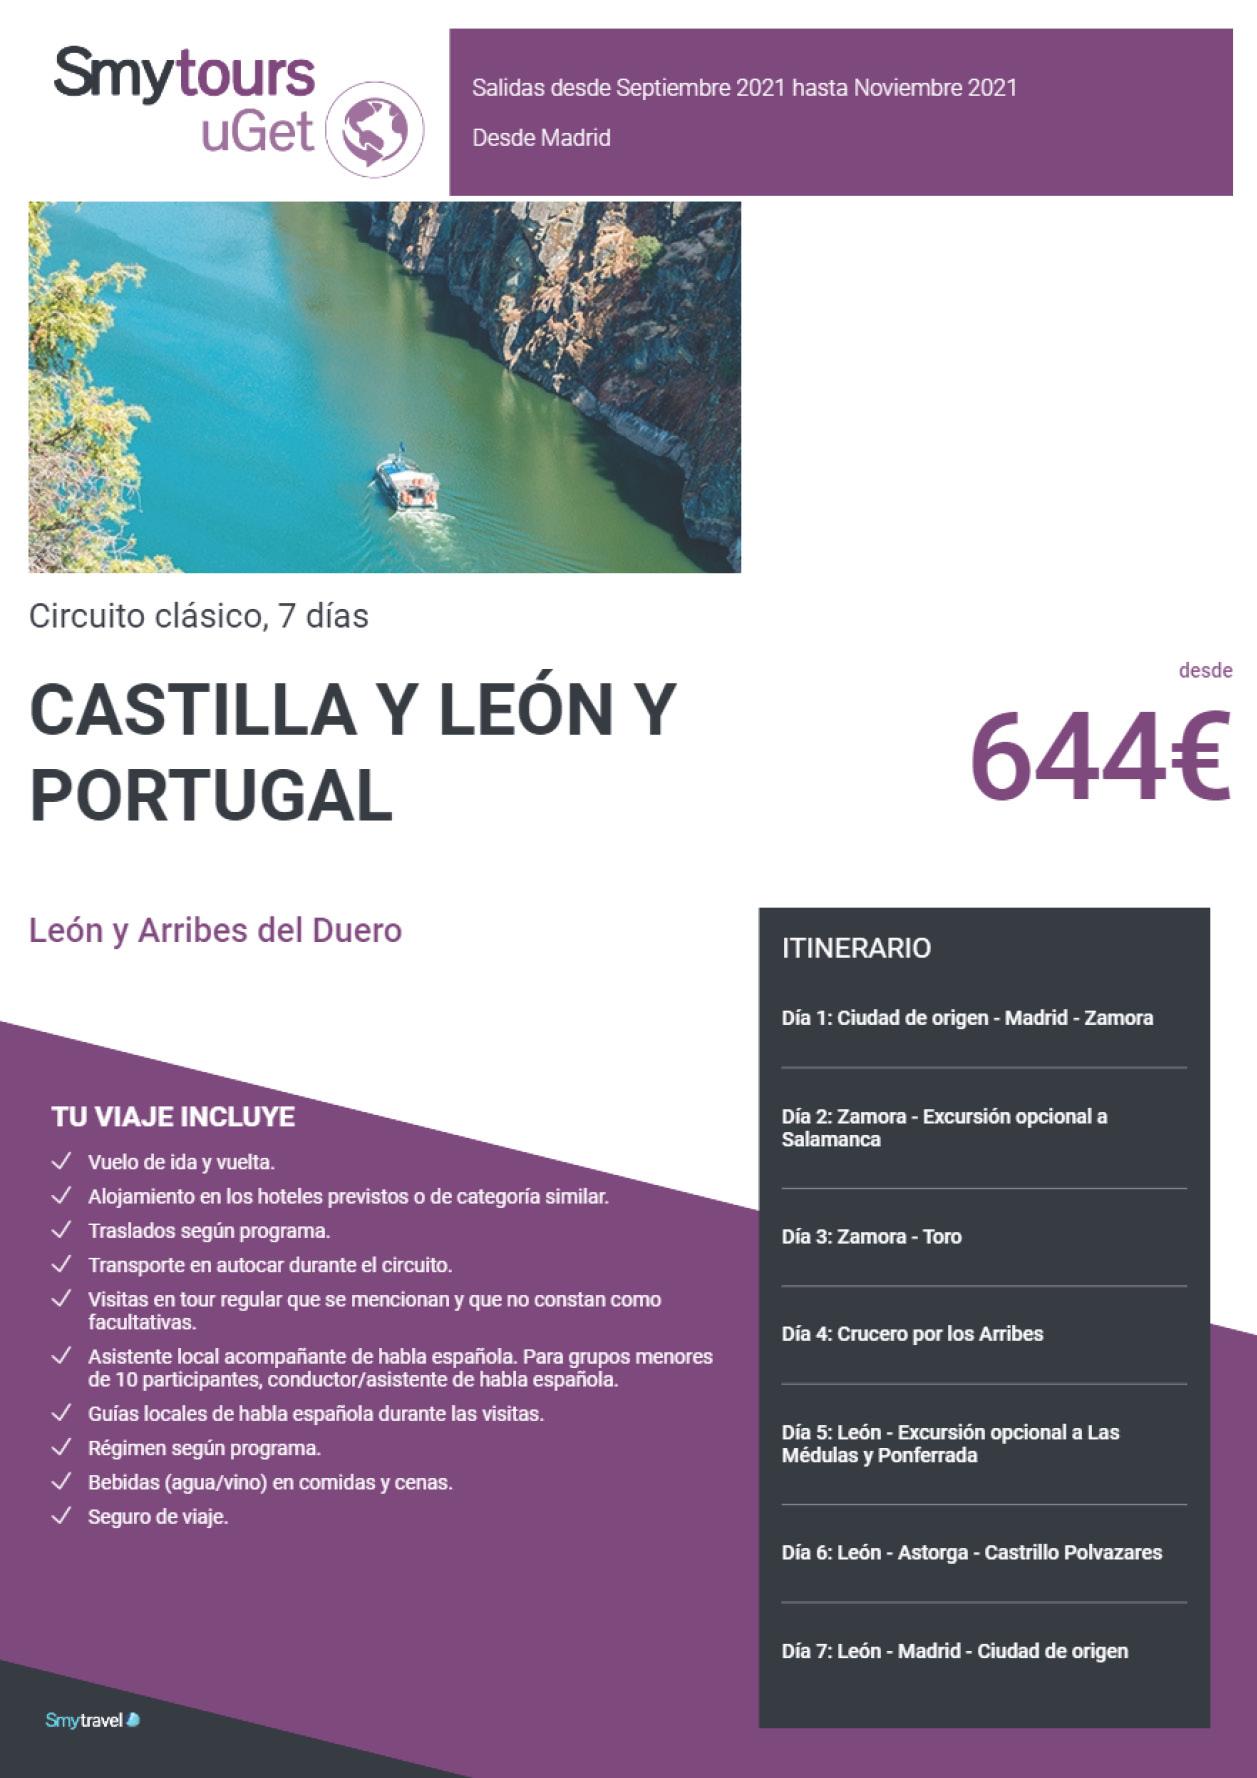 Oferta Smytravel Circuito Leon y Arribes del Duero 7 dias salidas Madrid desde 644 €